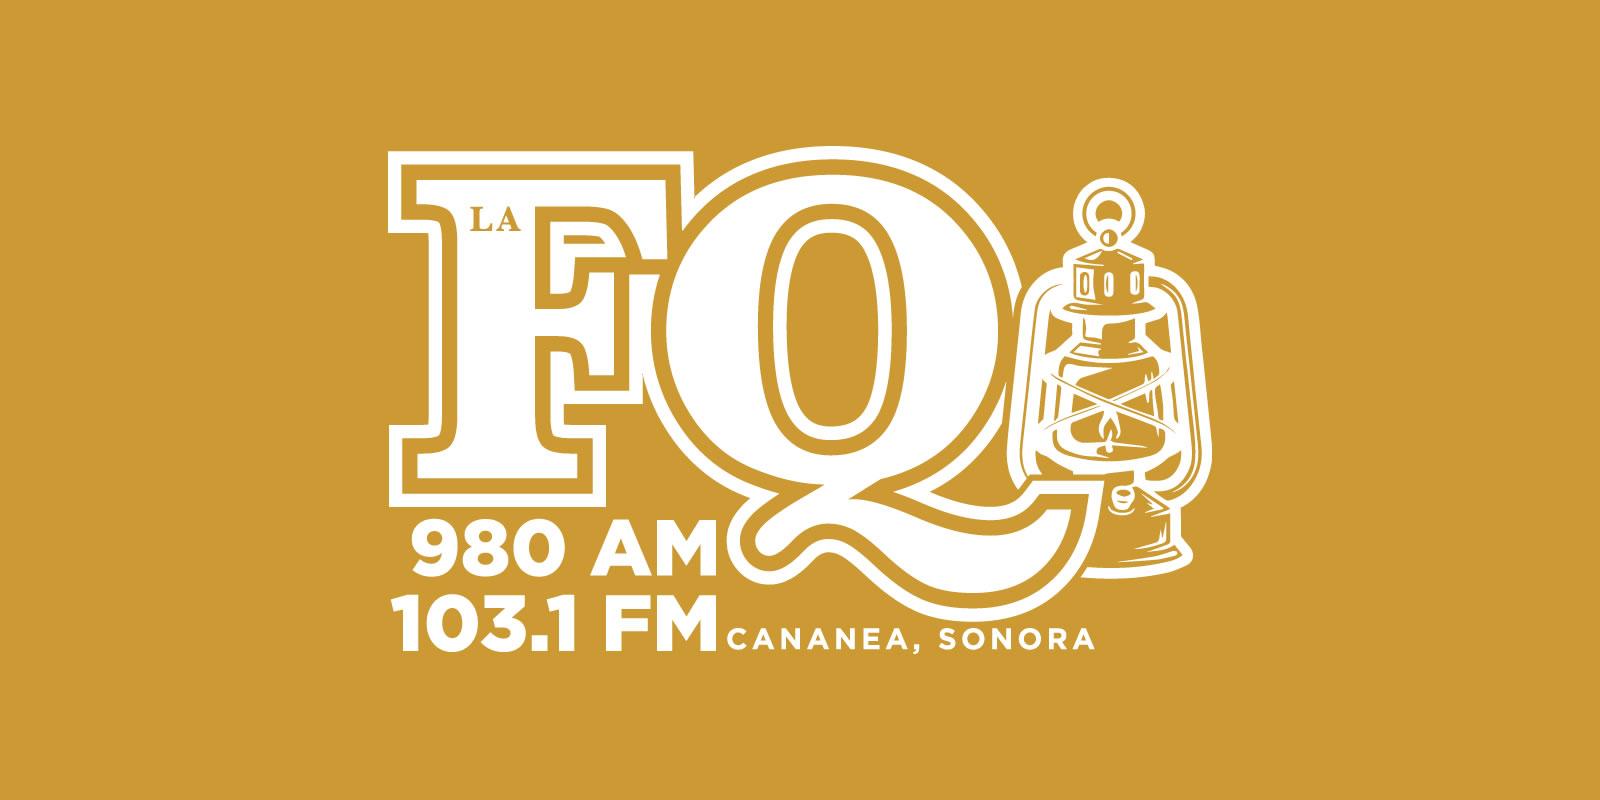 La FQ, 980 AM, Cananea, Sonora